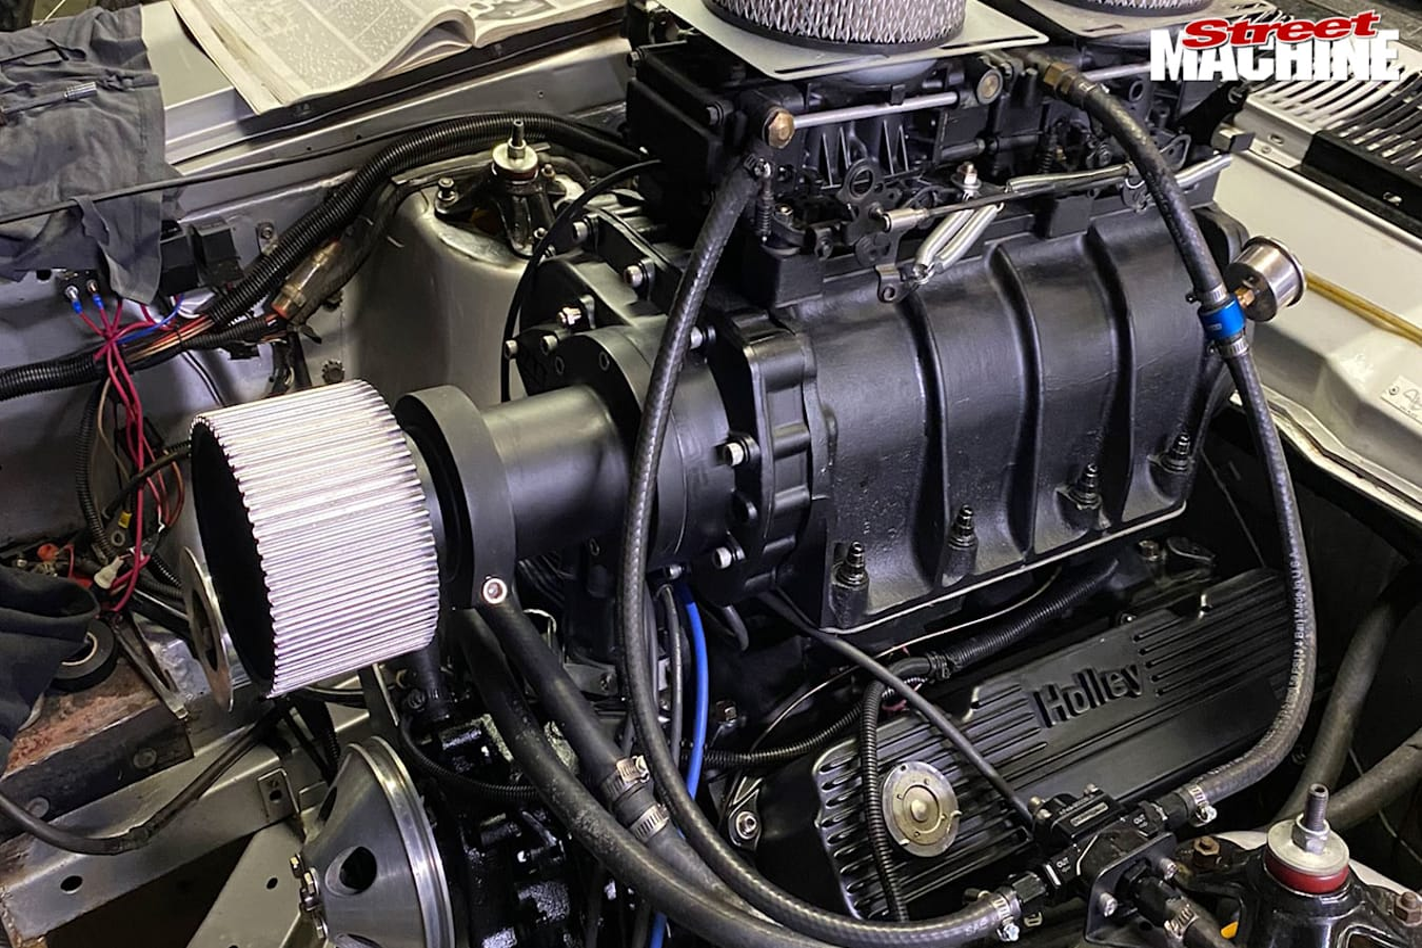 Ford XW Falcon engine bay